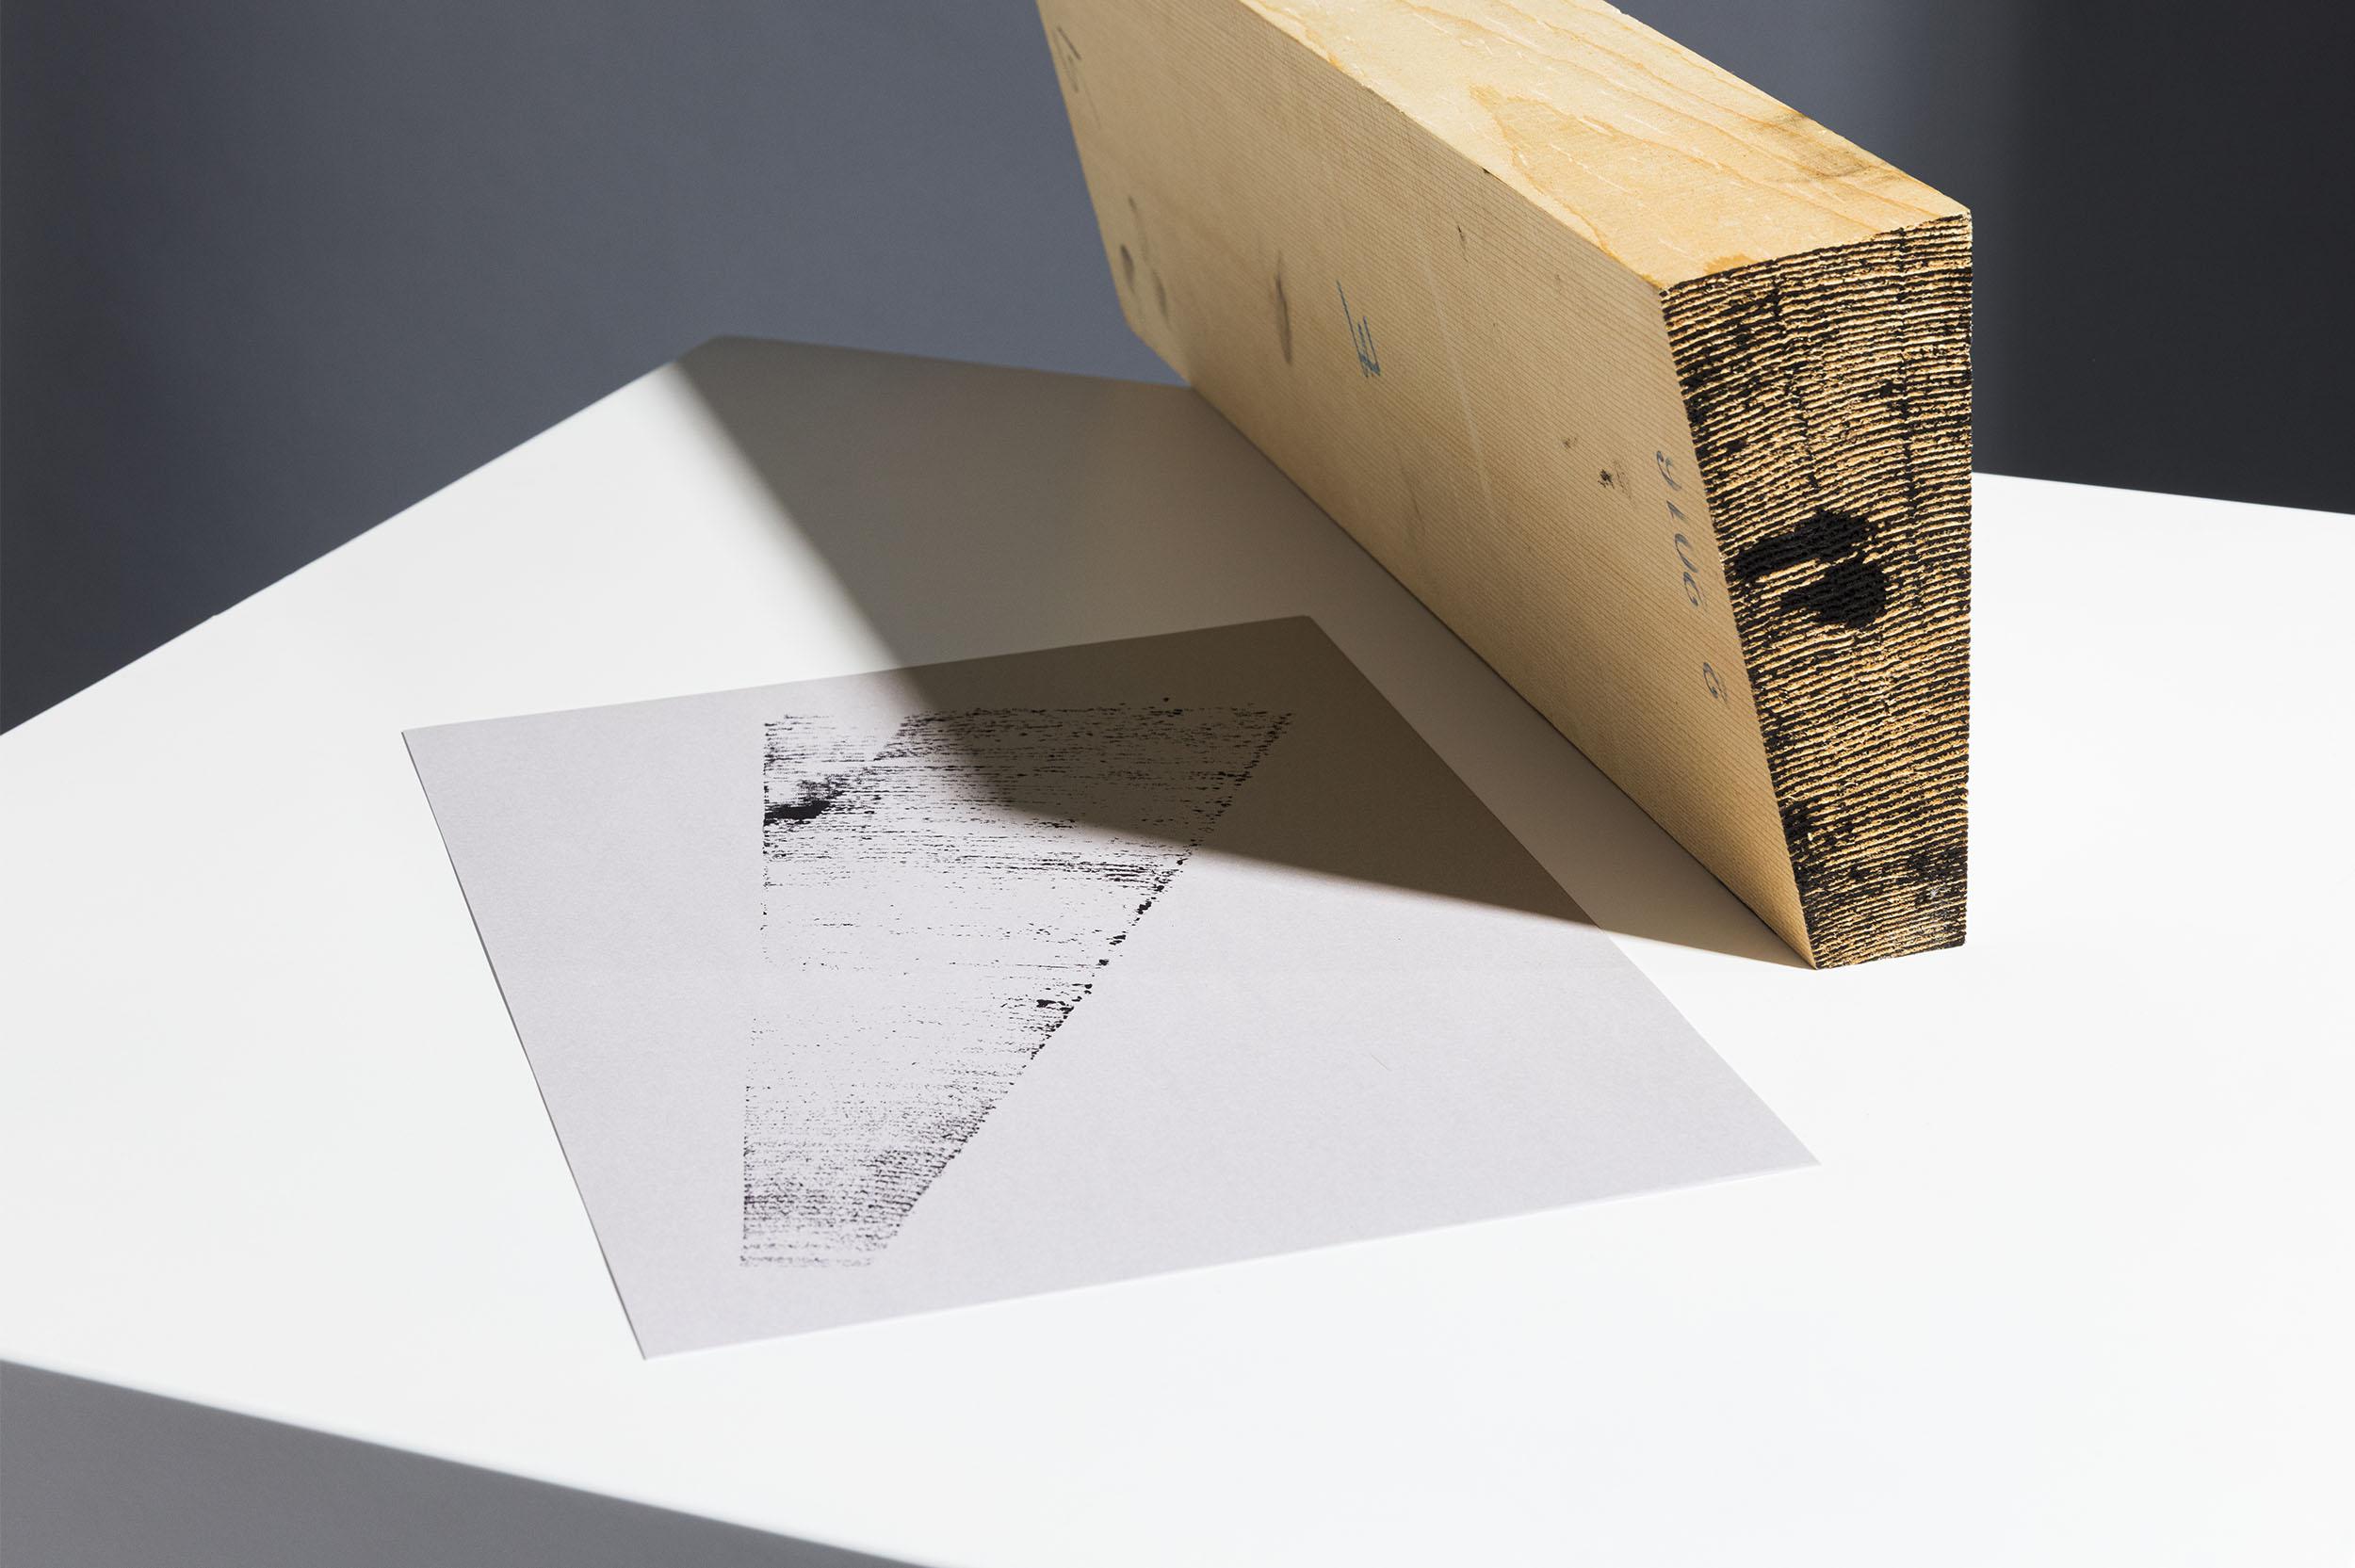 Rückseite Briefbogen mit Key Visual für das Geigenbauatelier Schutter Widmer Krieger und keilförmiges Holzstück, liegend auf weissem Kubus